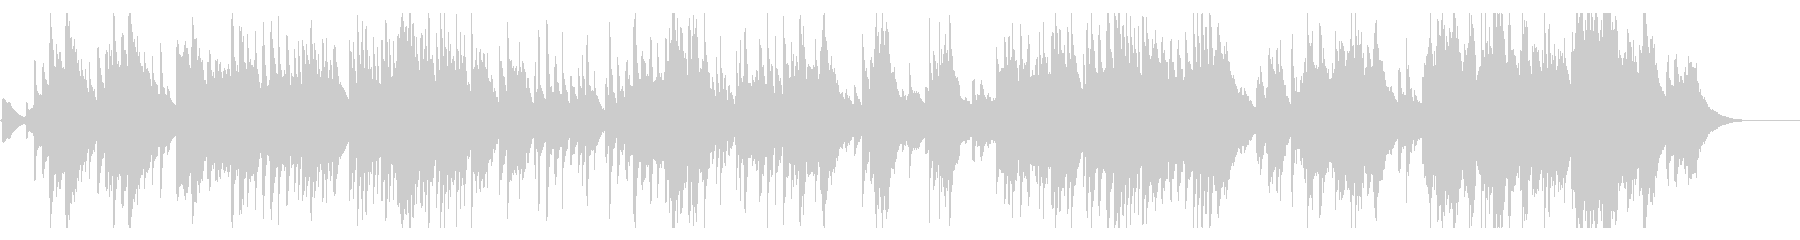 六段の調 お琴 3面の未再生の波形